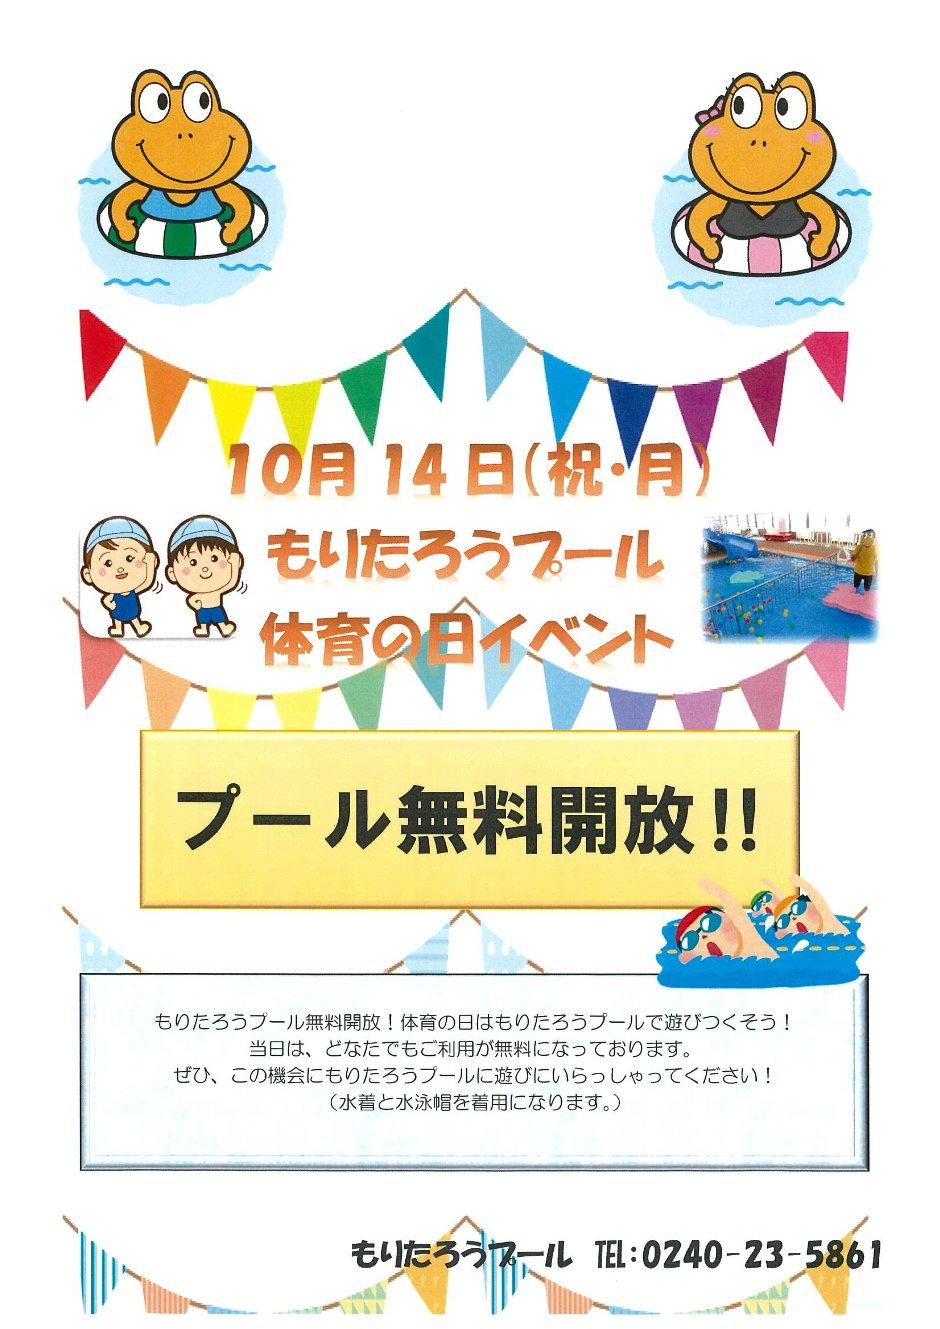 2019.10.14もりたろうプール体育の日イベント プール無料開放!!